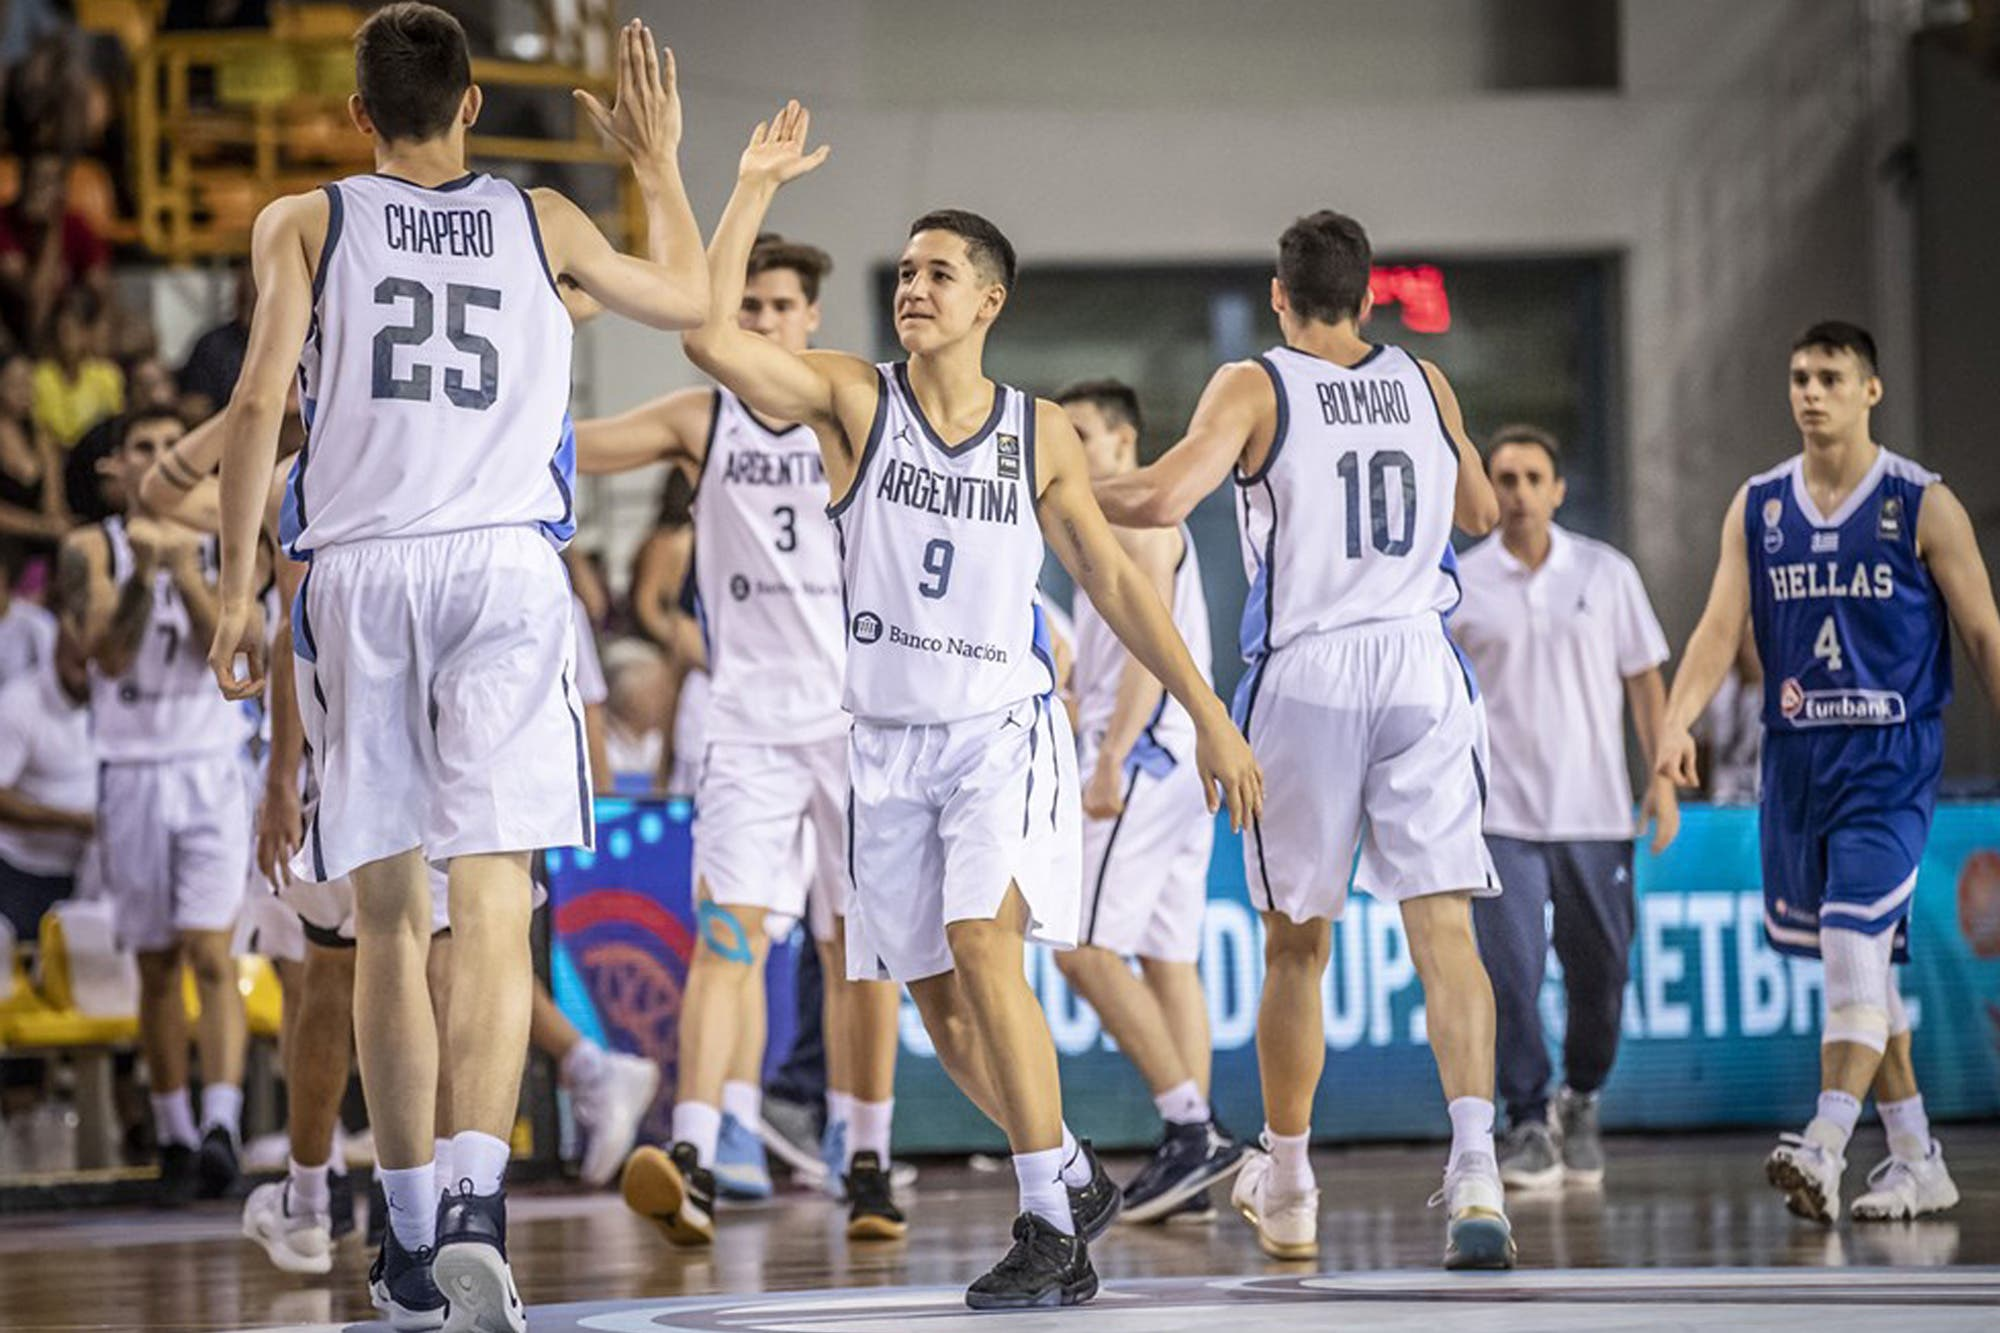 El U19 de básquet avanza en el Mundial de Grecia: lo que dijeron Ginóbili, Campazzo y Hernández